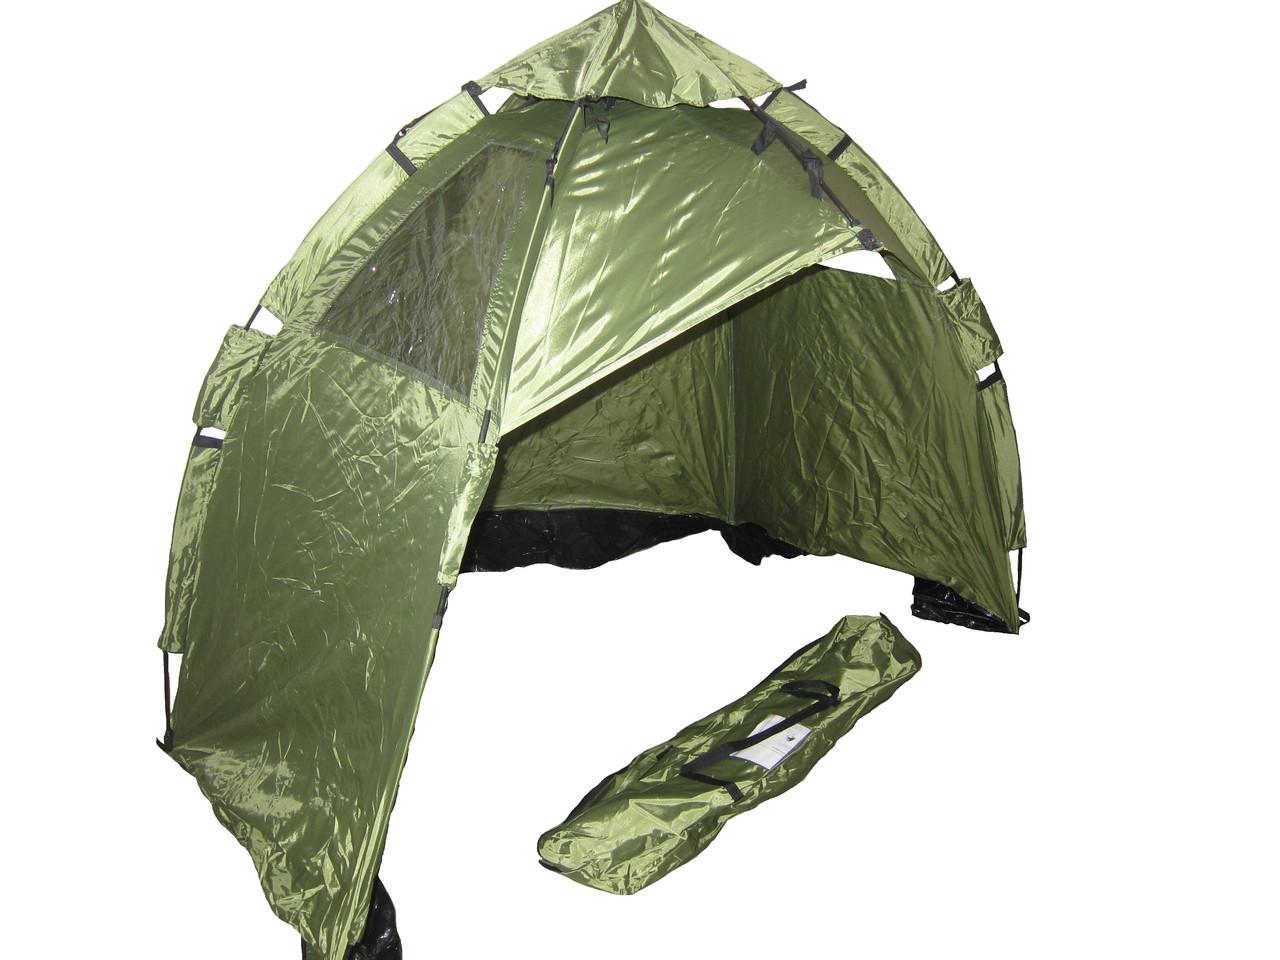 палатки для карповой рыбалки в украине